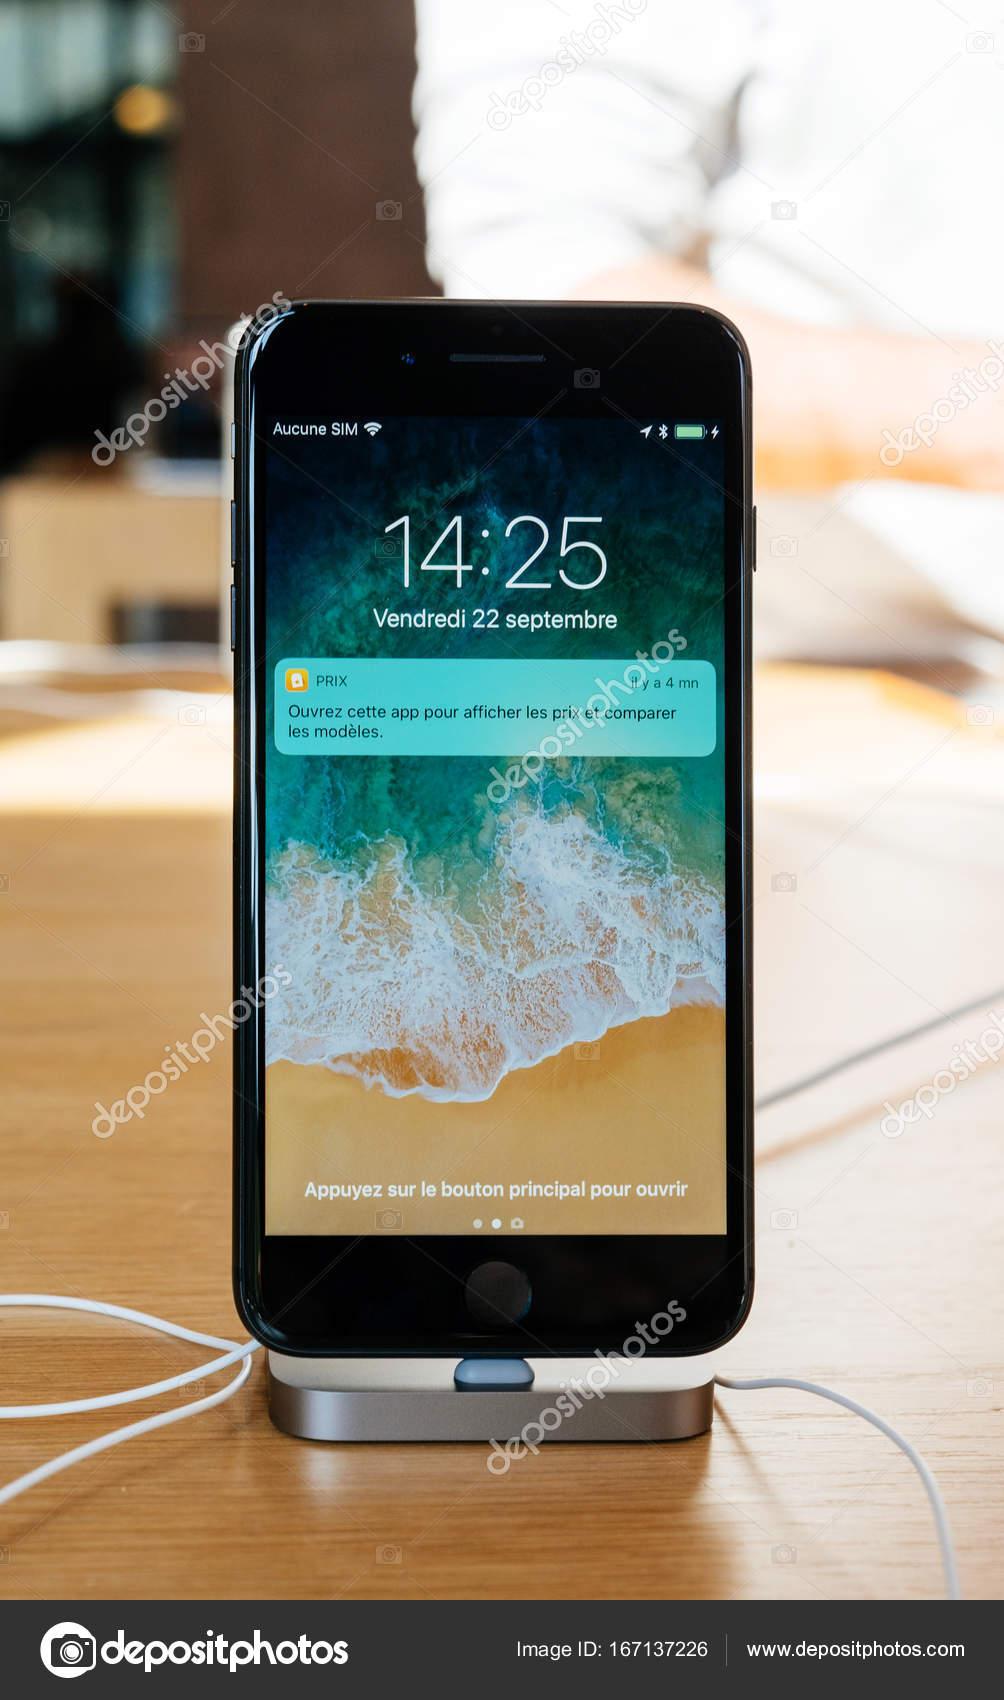 I metodi per bloccare l'iPhone